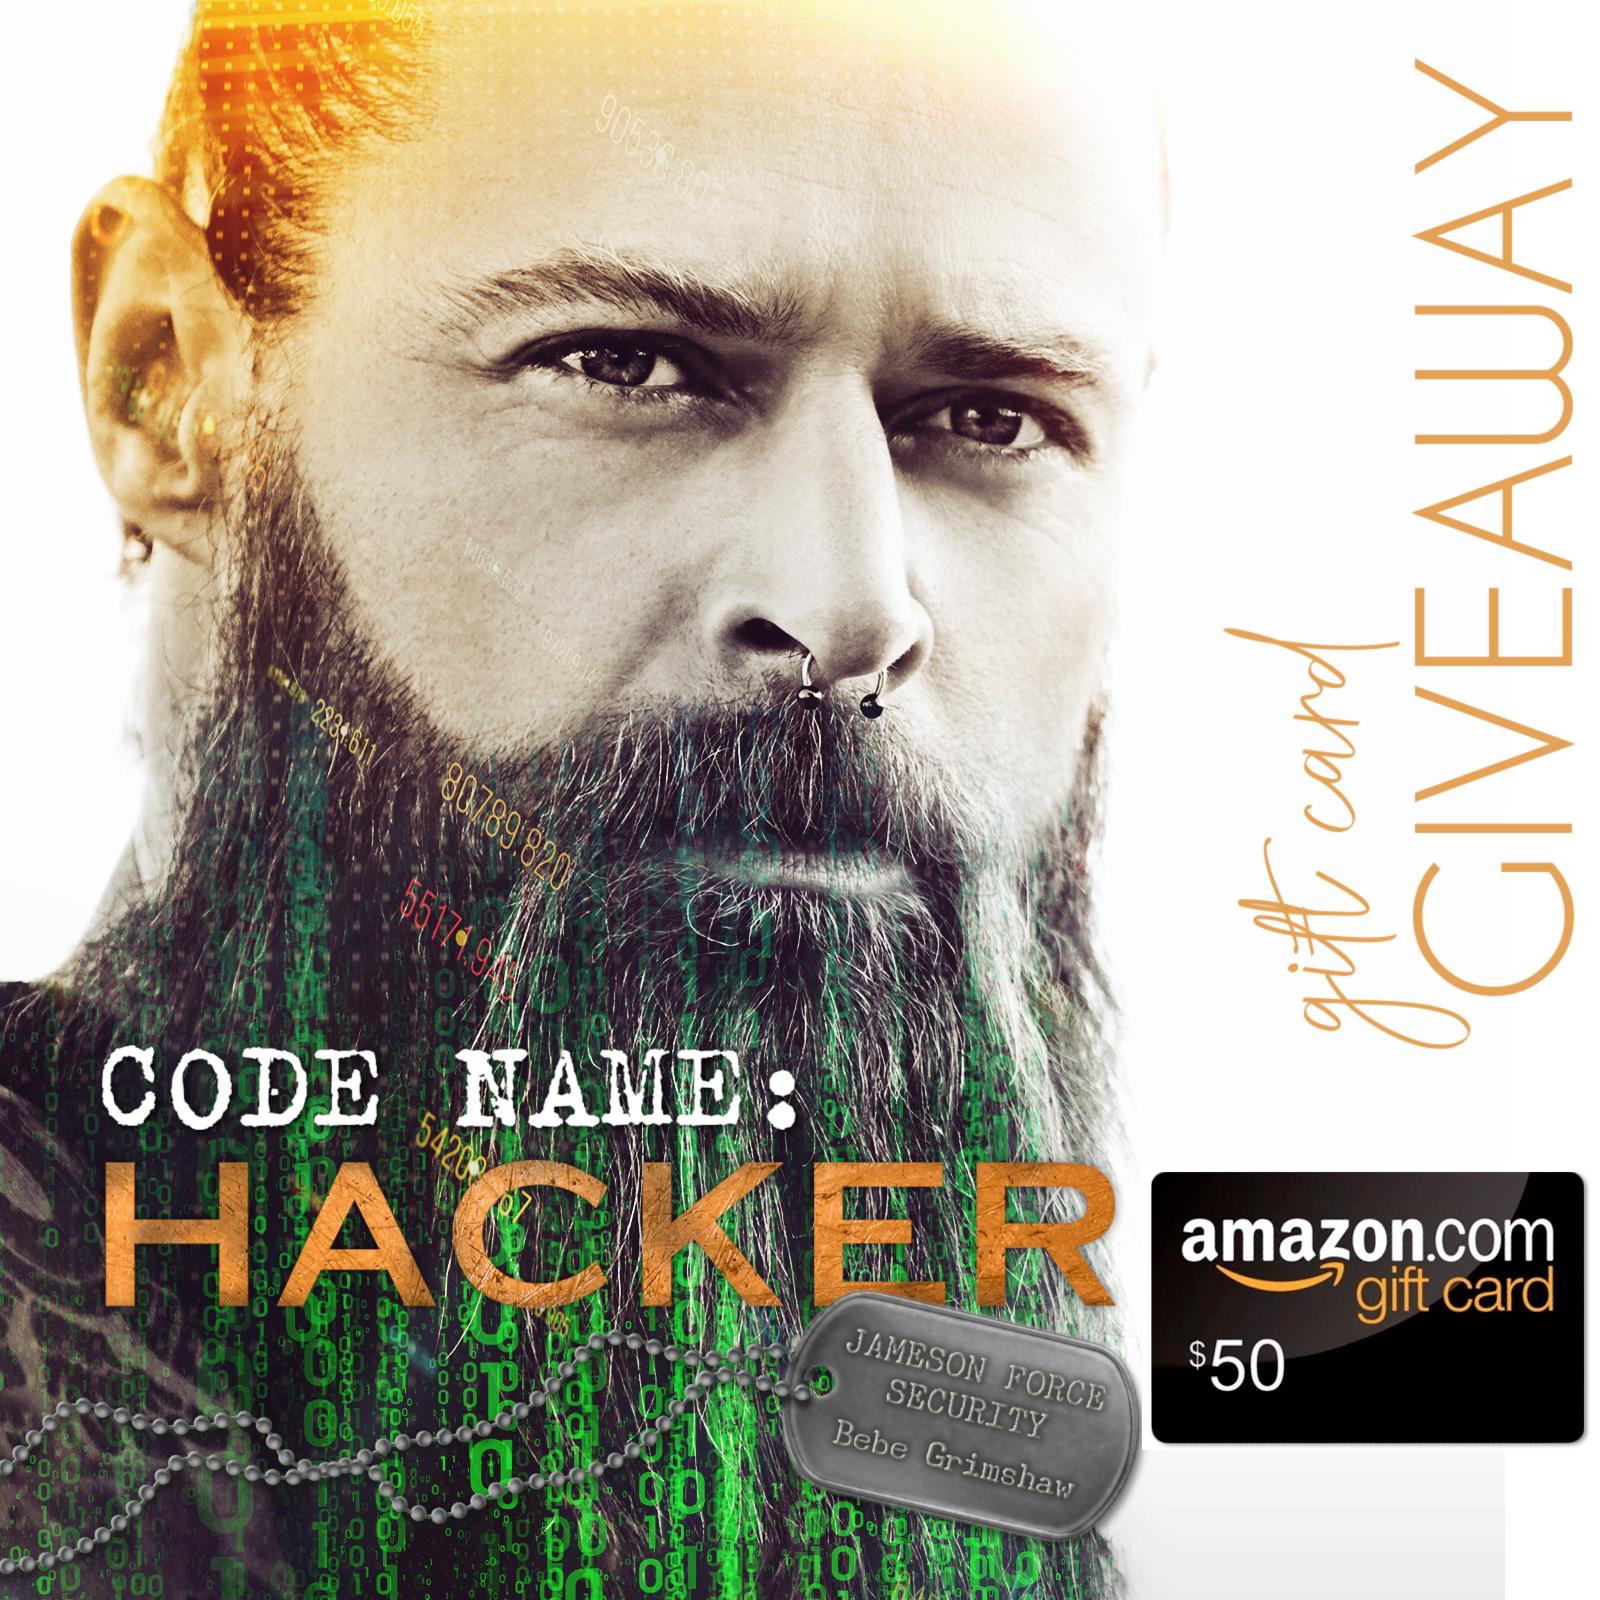 TEASER_Hacker_Gift Card Giveaway